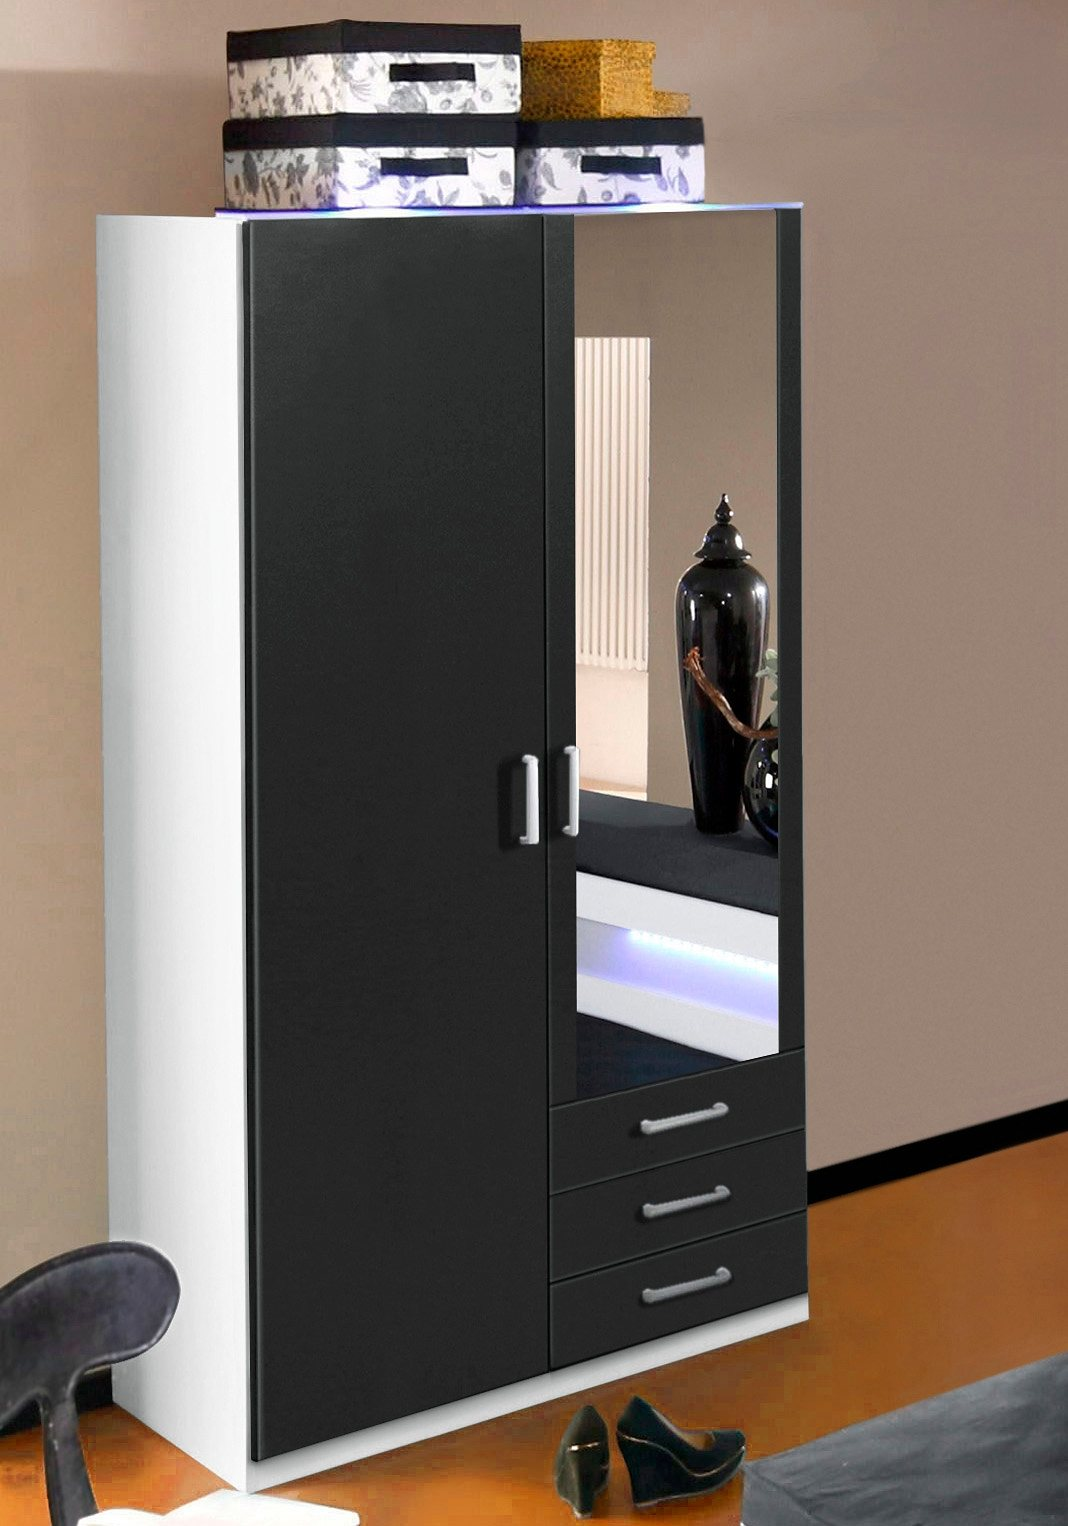 Kleiderschrank | Schlafzimmer > Kleiderschränke > Drehtürenschränke | Weiß - Schwarz